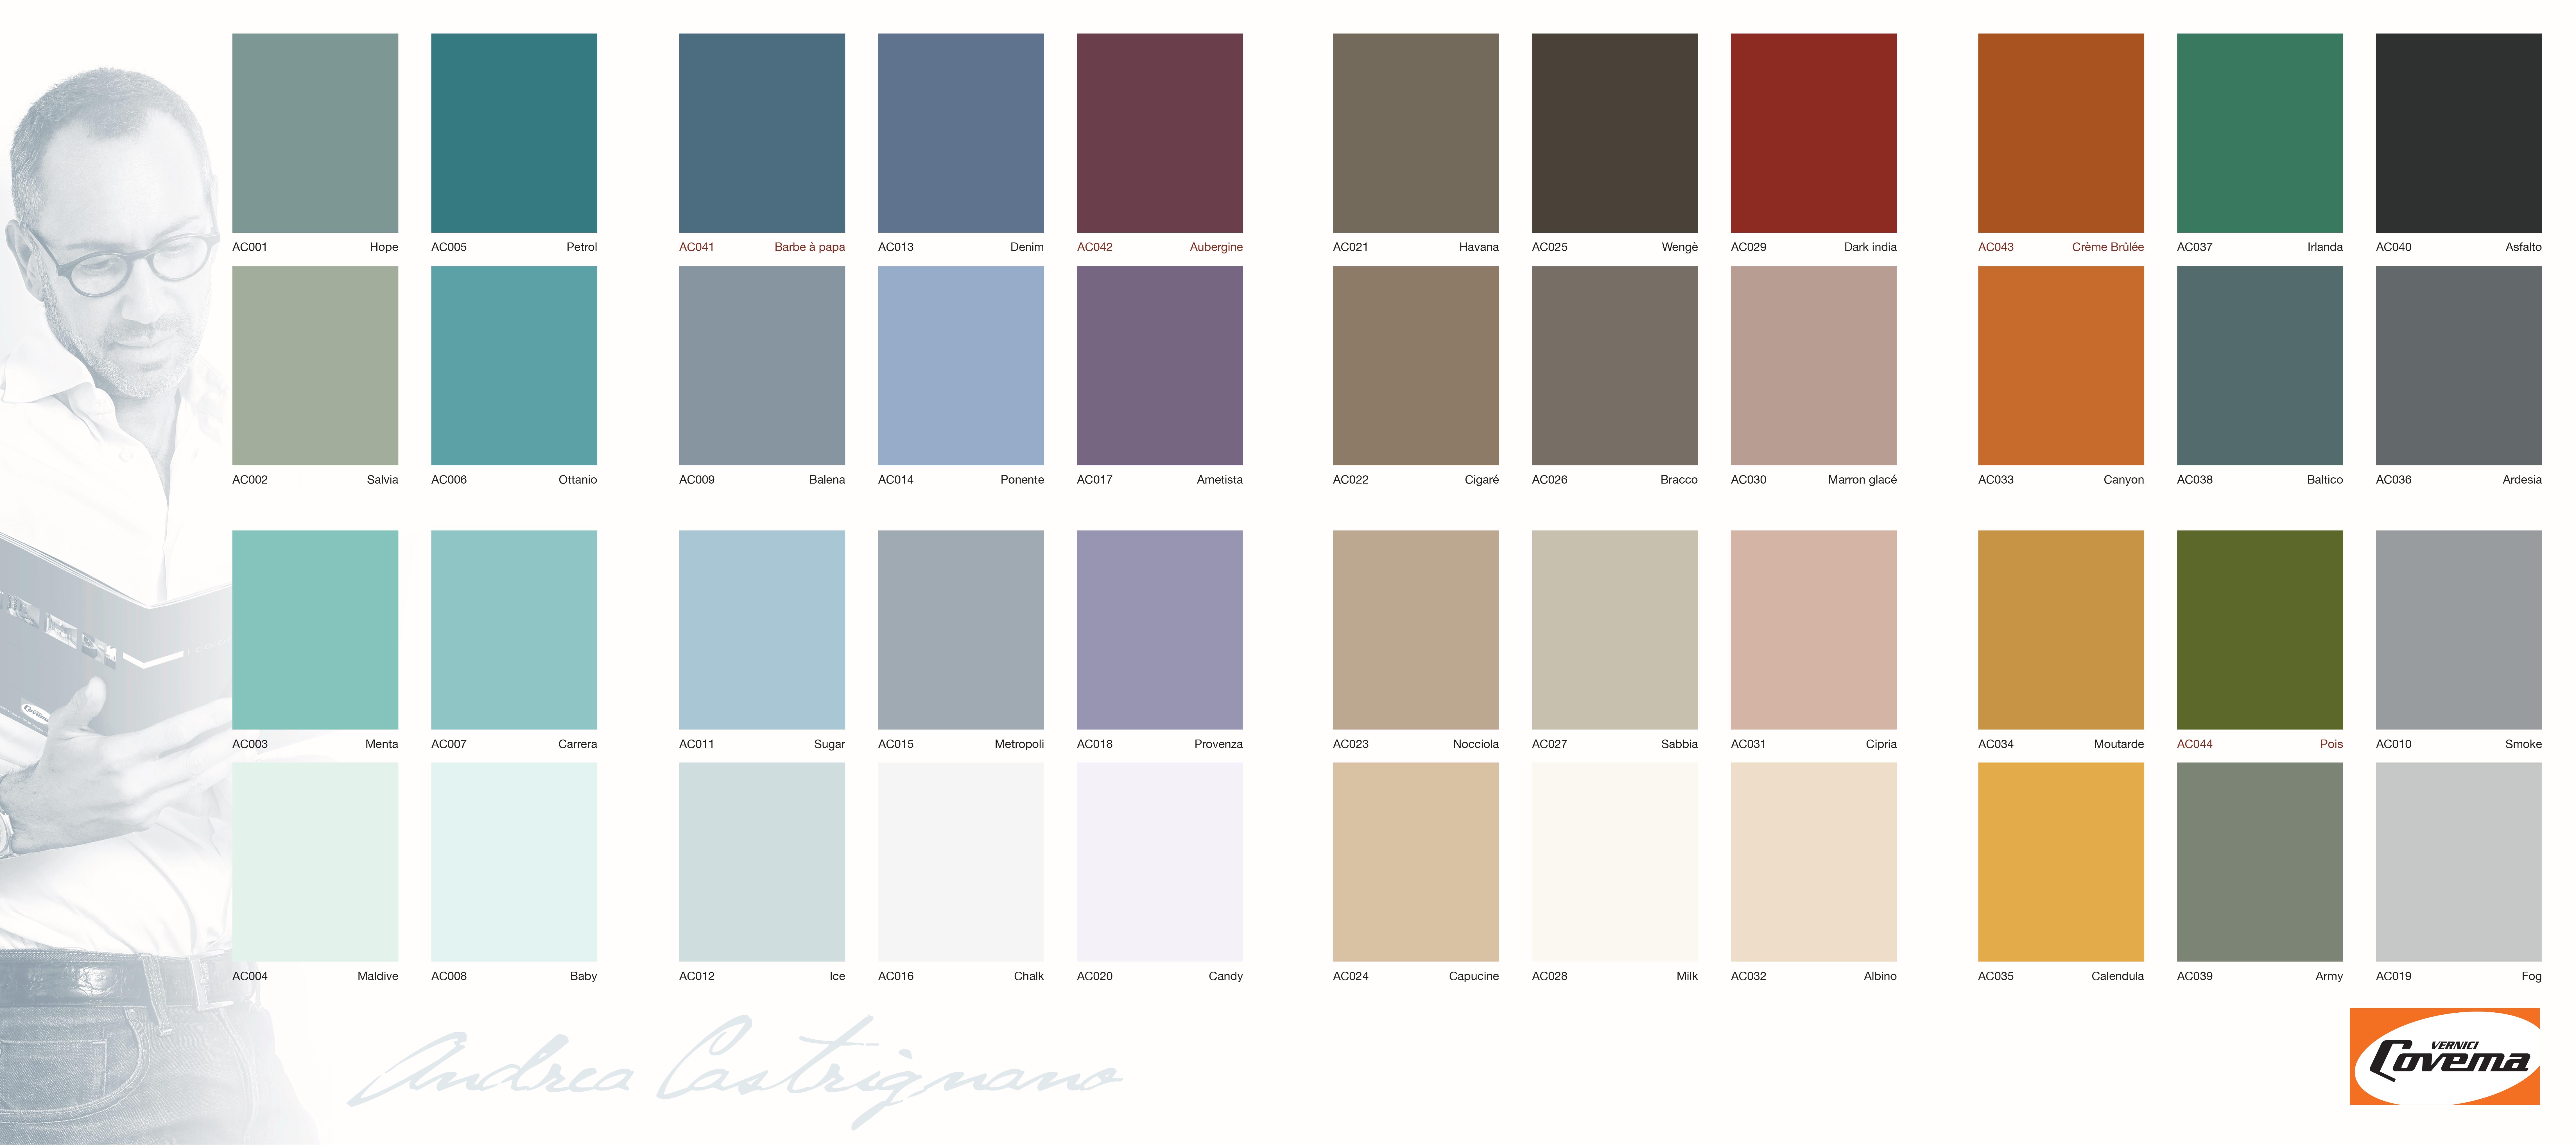 Cartella Colori (cartacea)